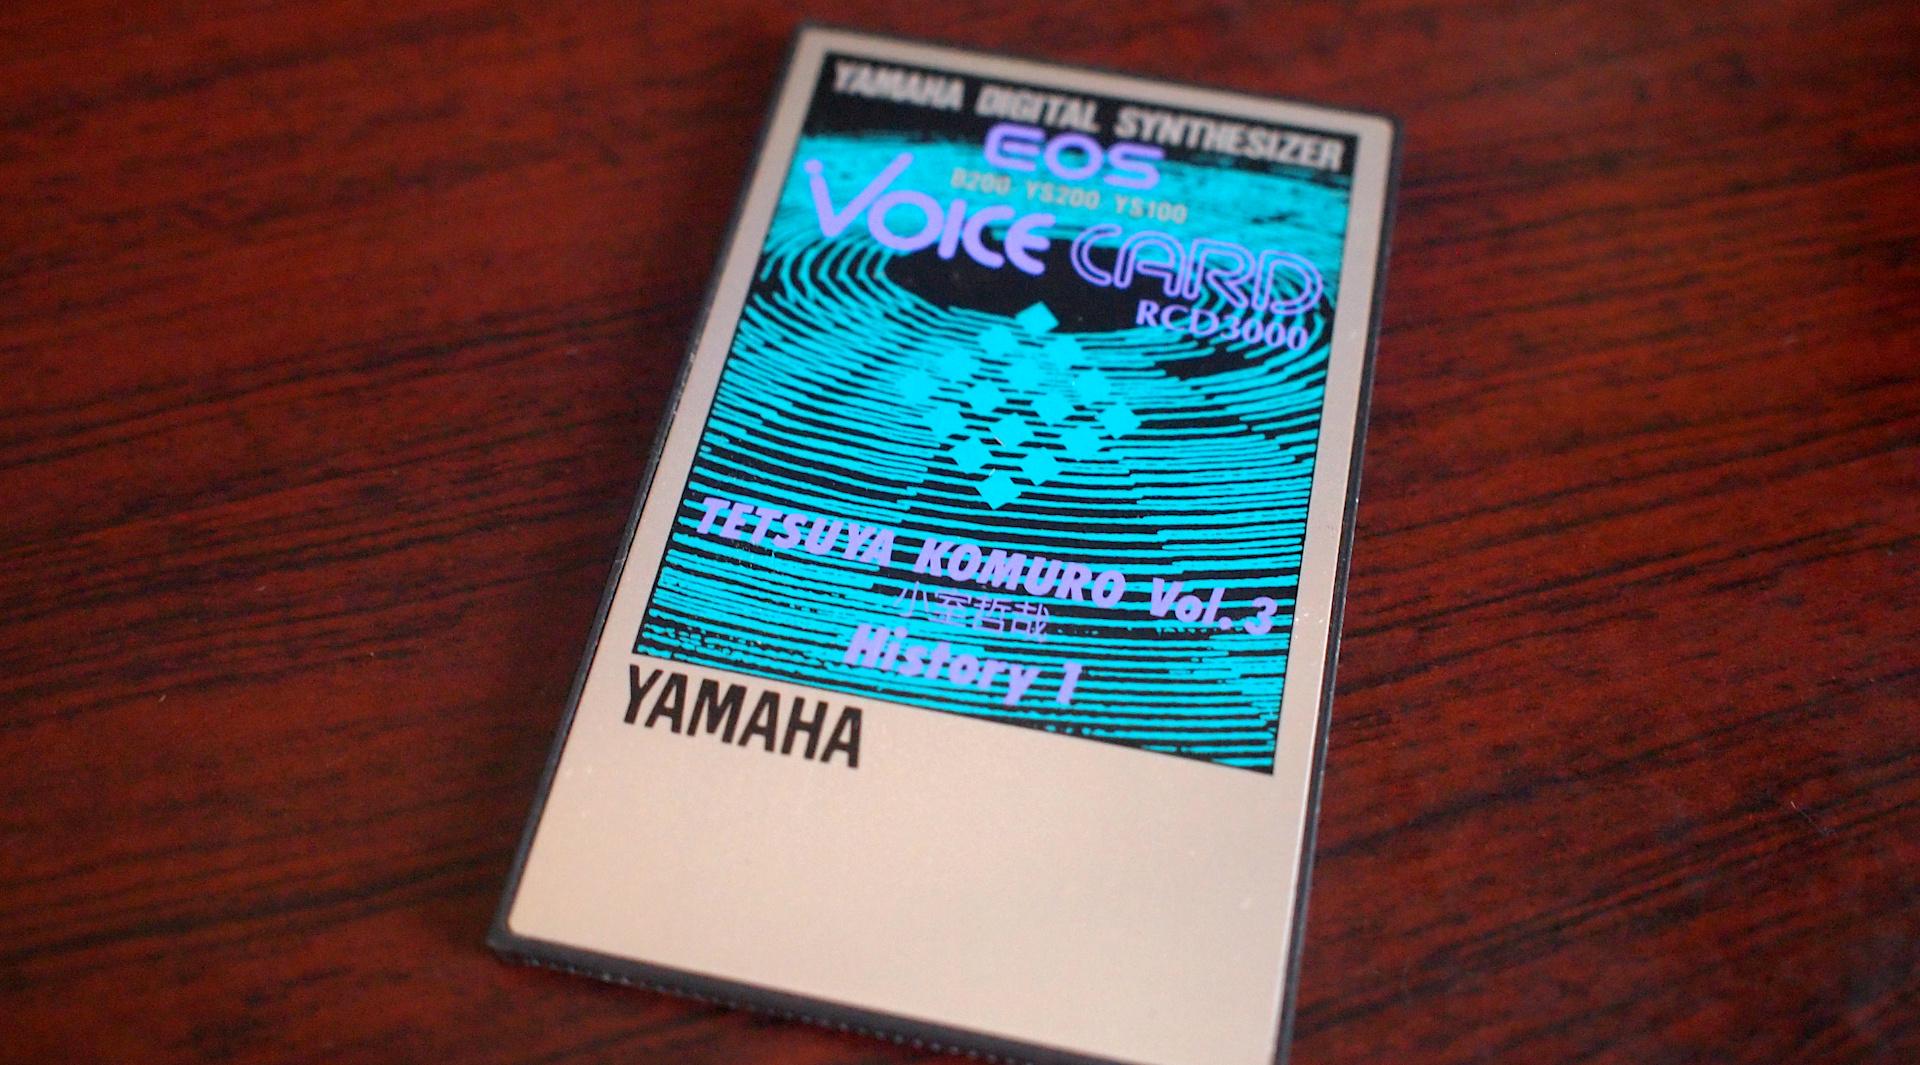 EOS VOICE CARD RCD3000 TETSUYA KOMURO vol.3